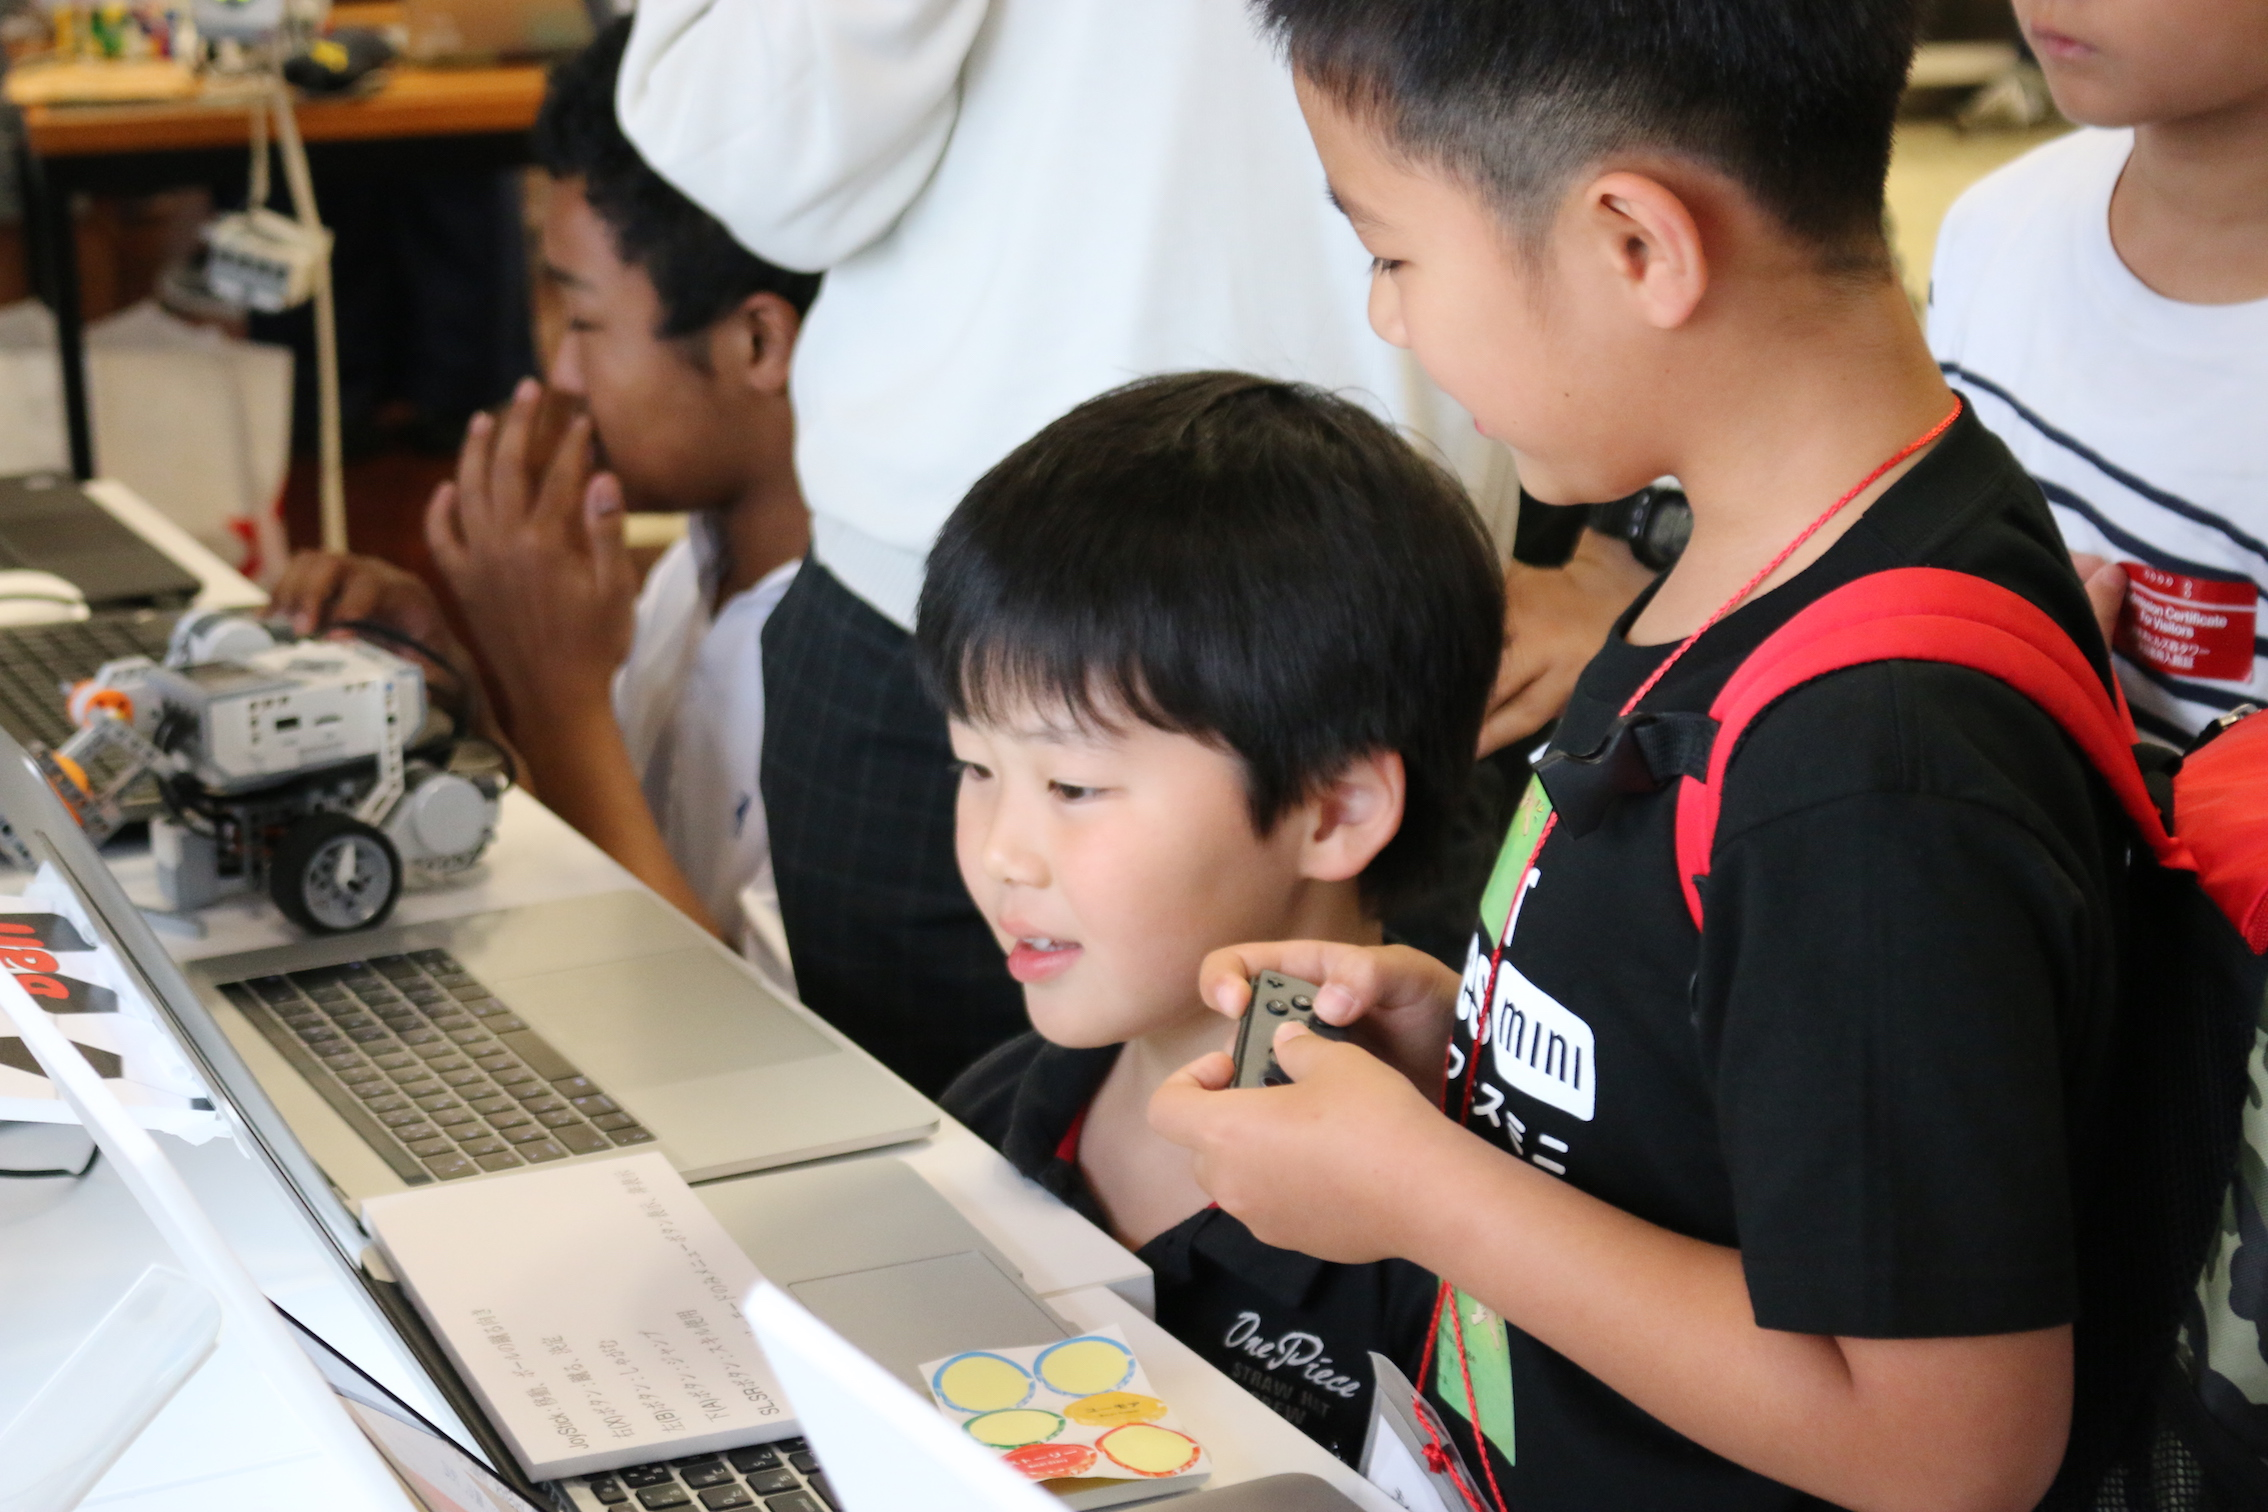 高校生のつくった作品に触れよう!クラーク記念国際高等学校 秋葉原ITキャンパス!